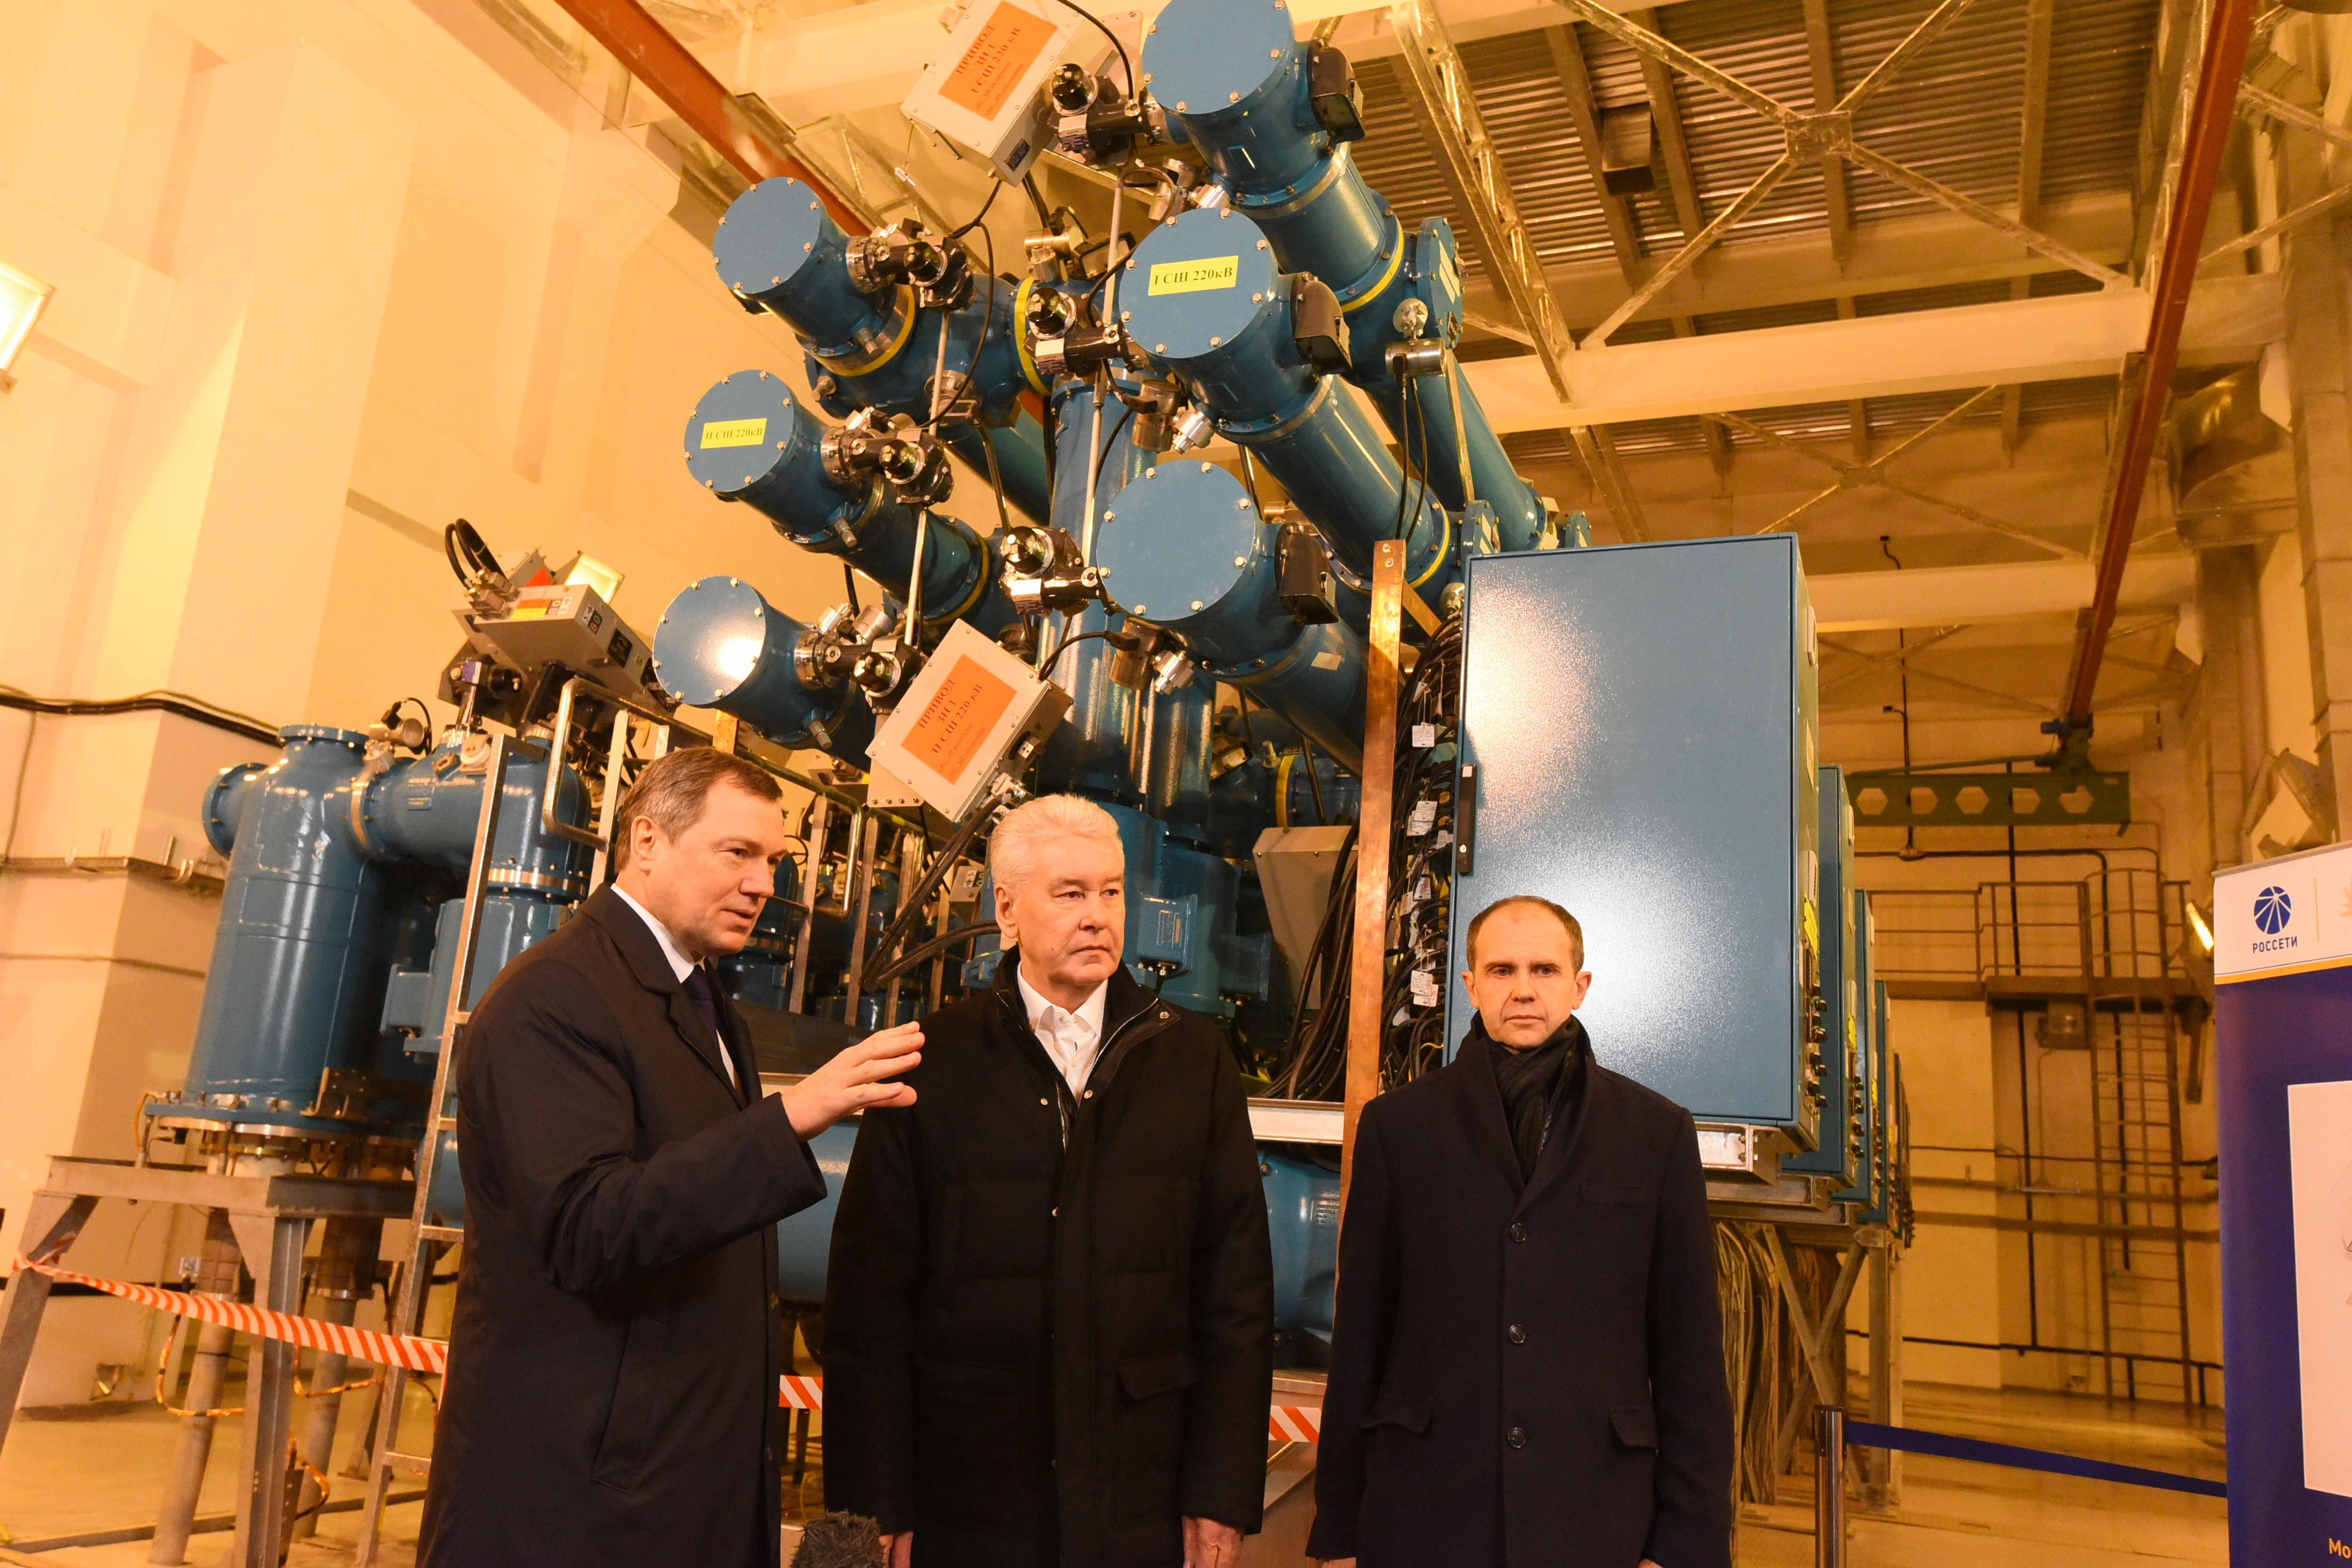 Собянин: Энергосистема столицы - одна изсамых надёжных и действенных вмире